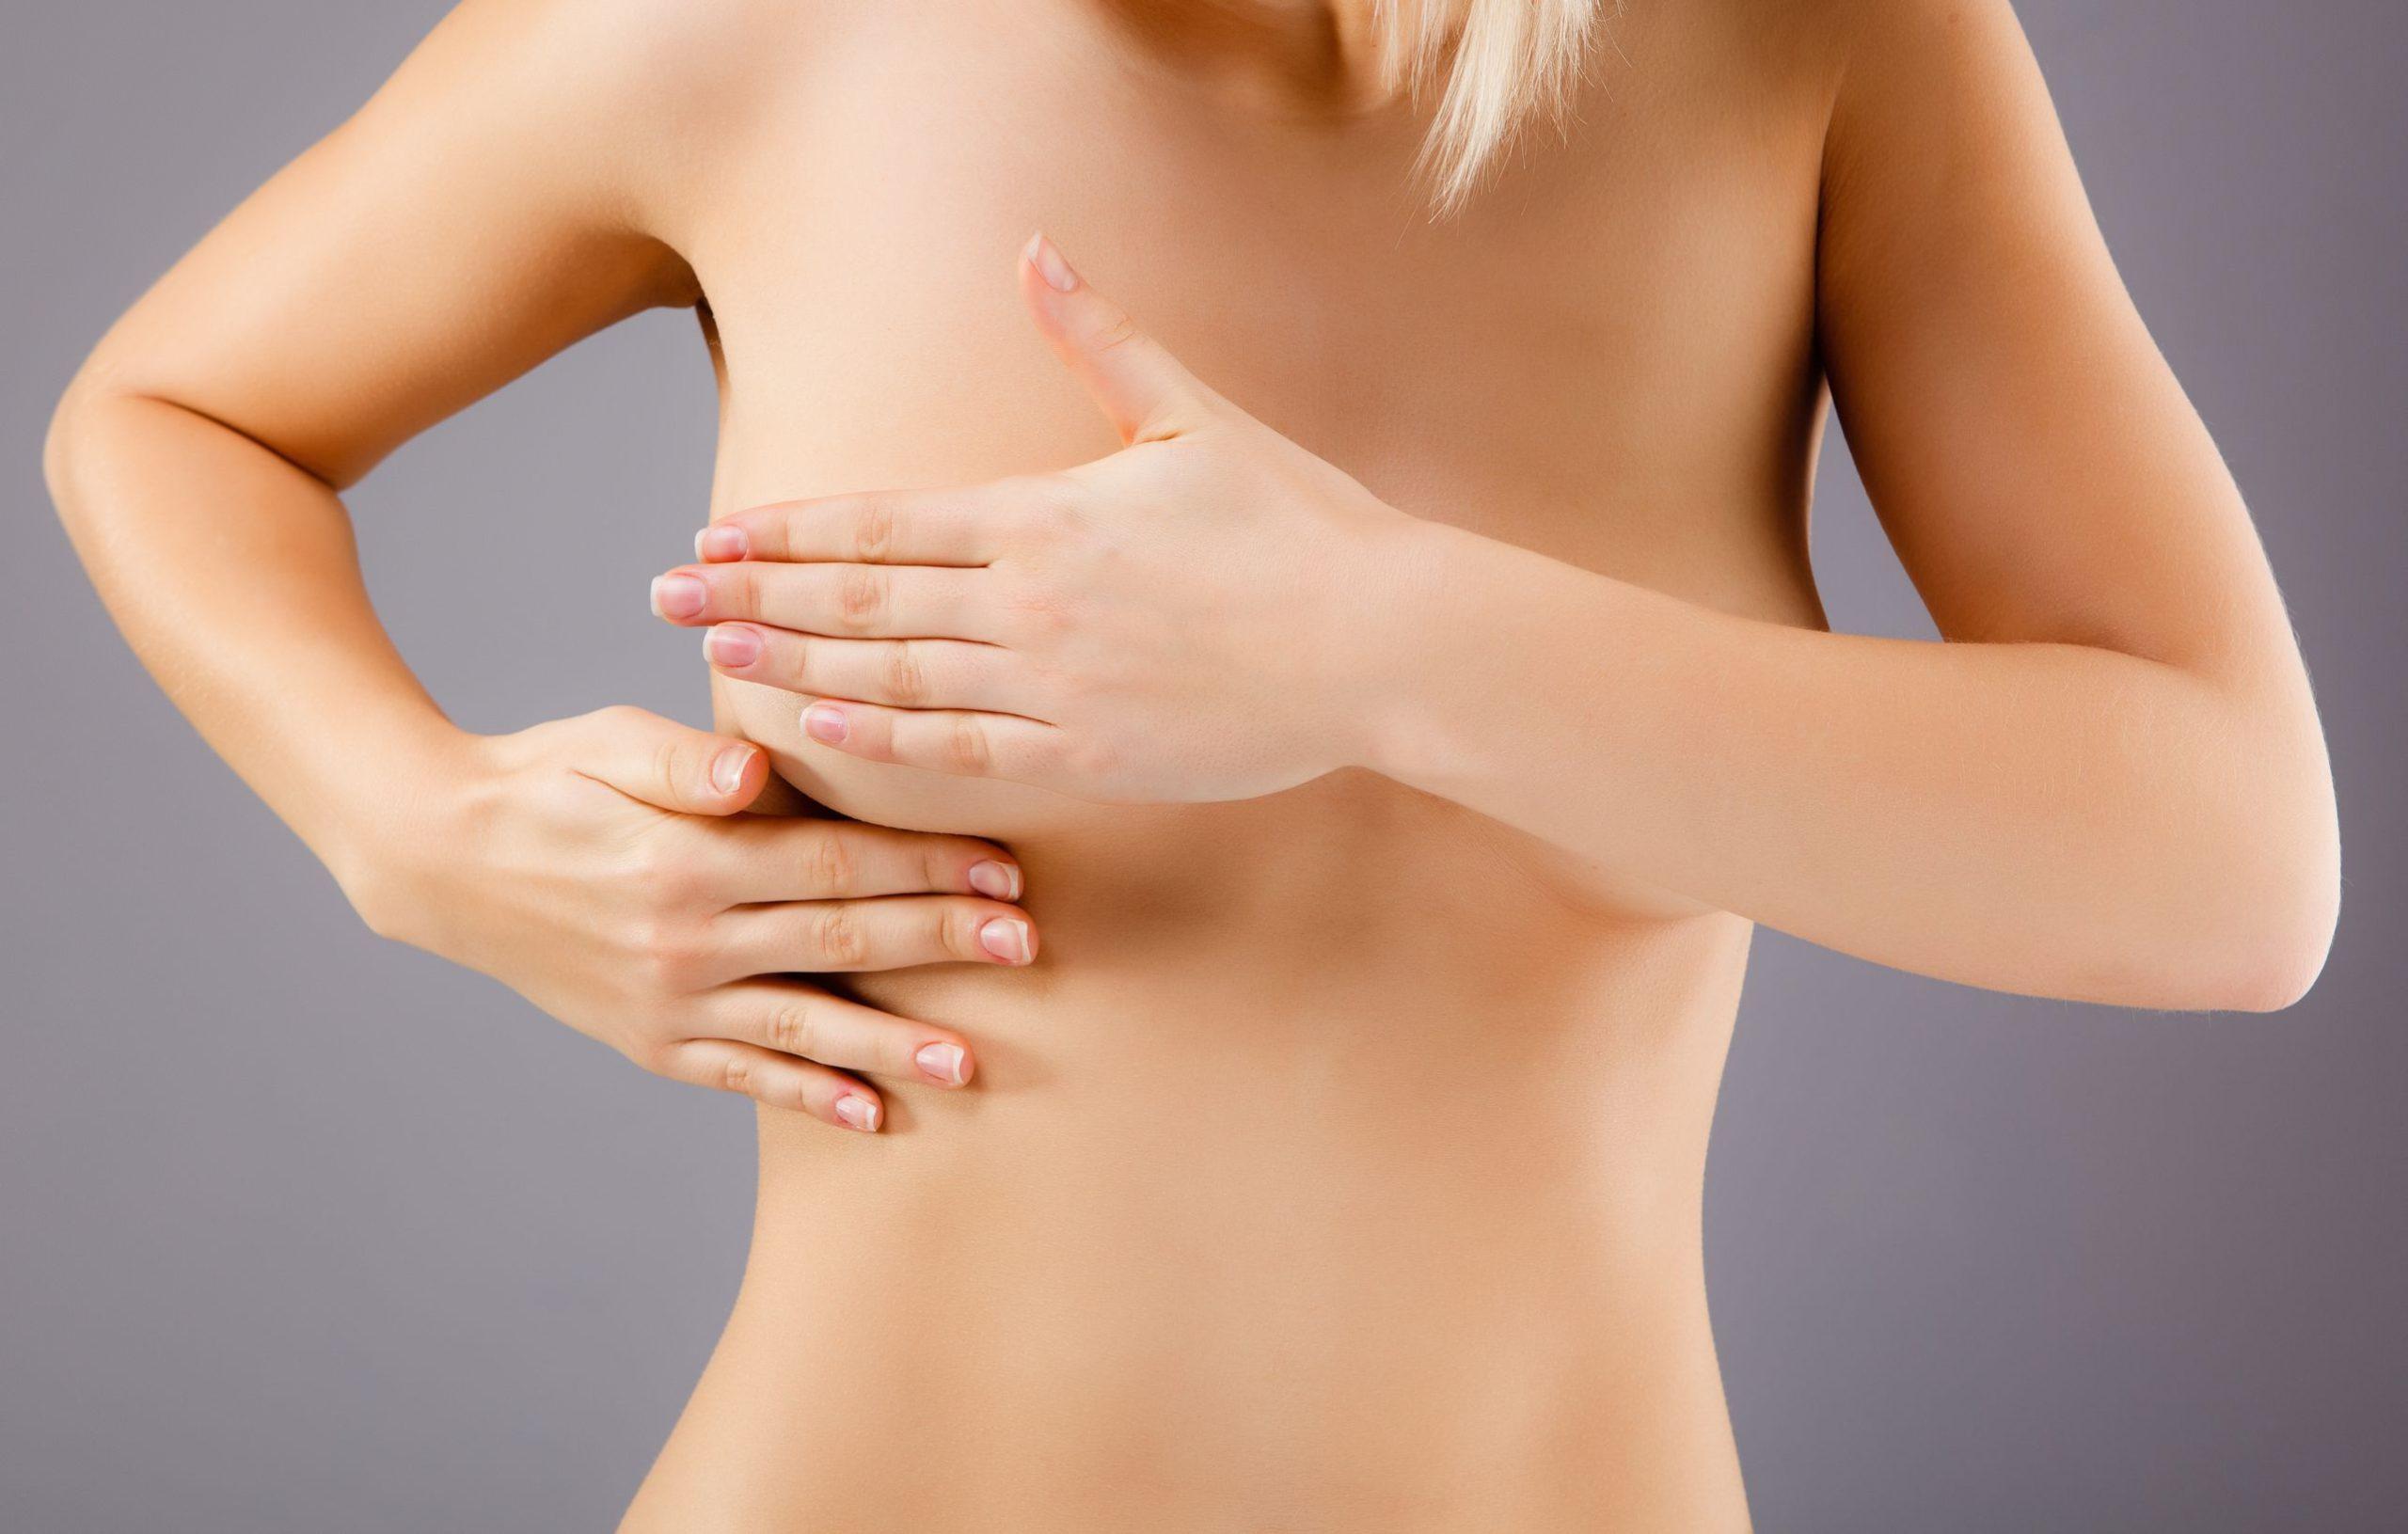 Реконструктивная пластика груди, или как вновь почувствовать себя женщиной